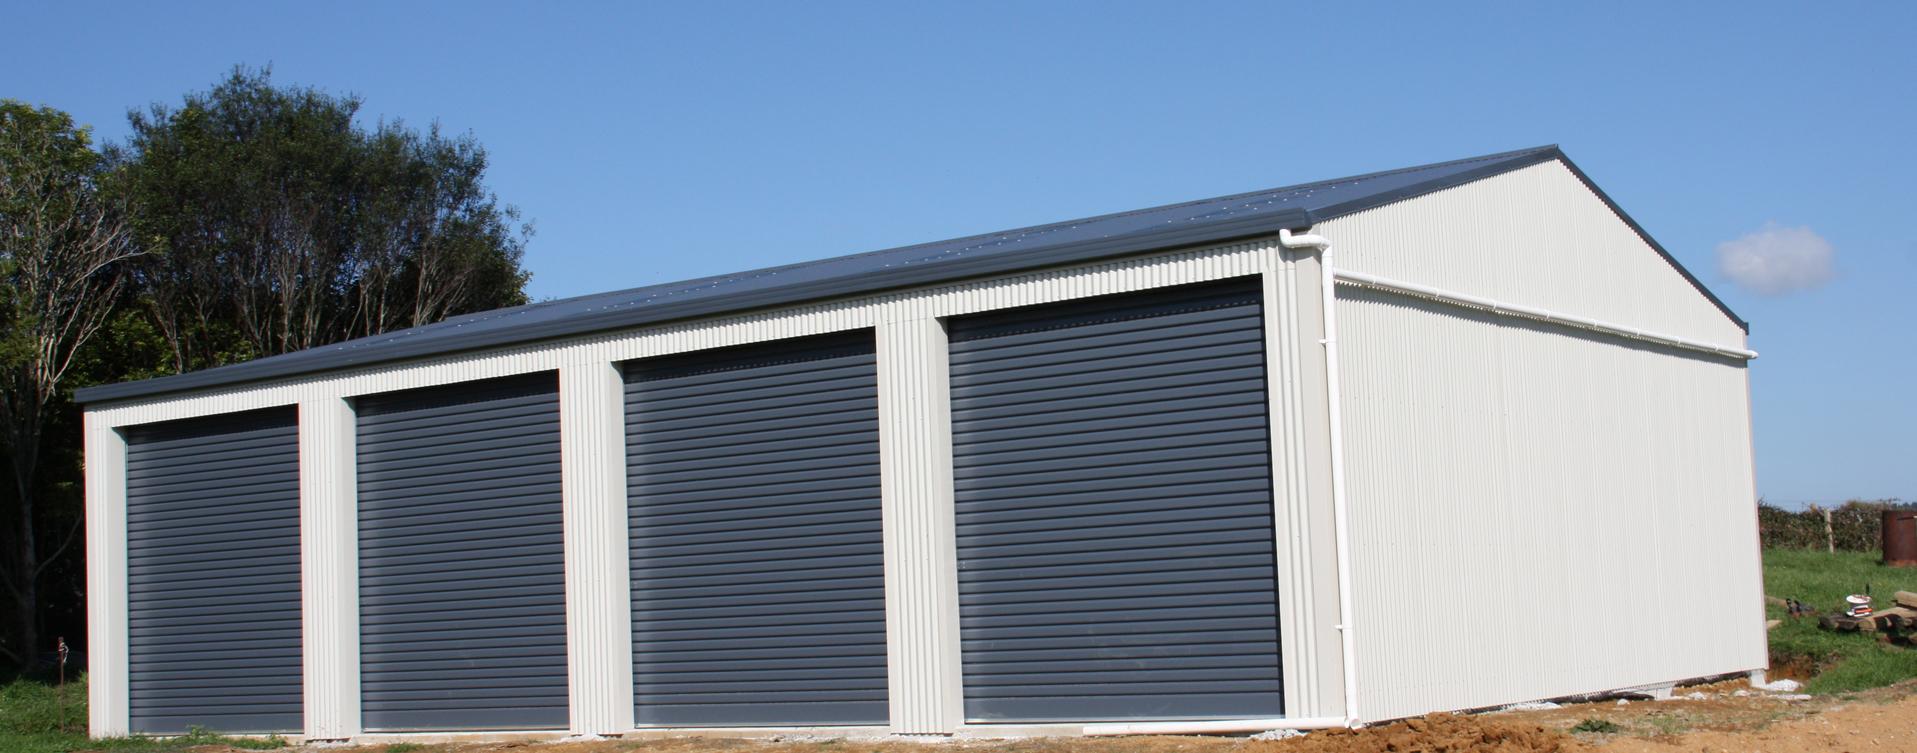 Gable Buildings Farm Shed Engineers Waikato